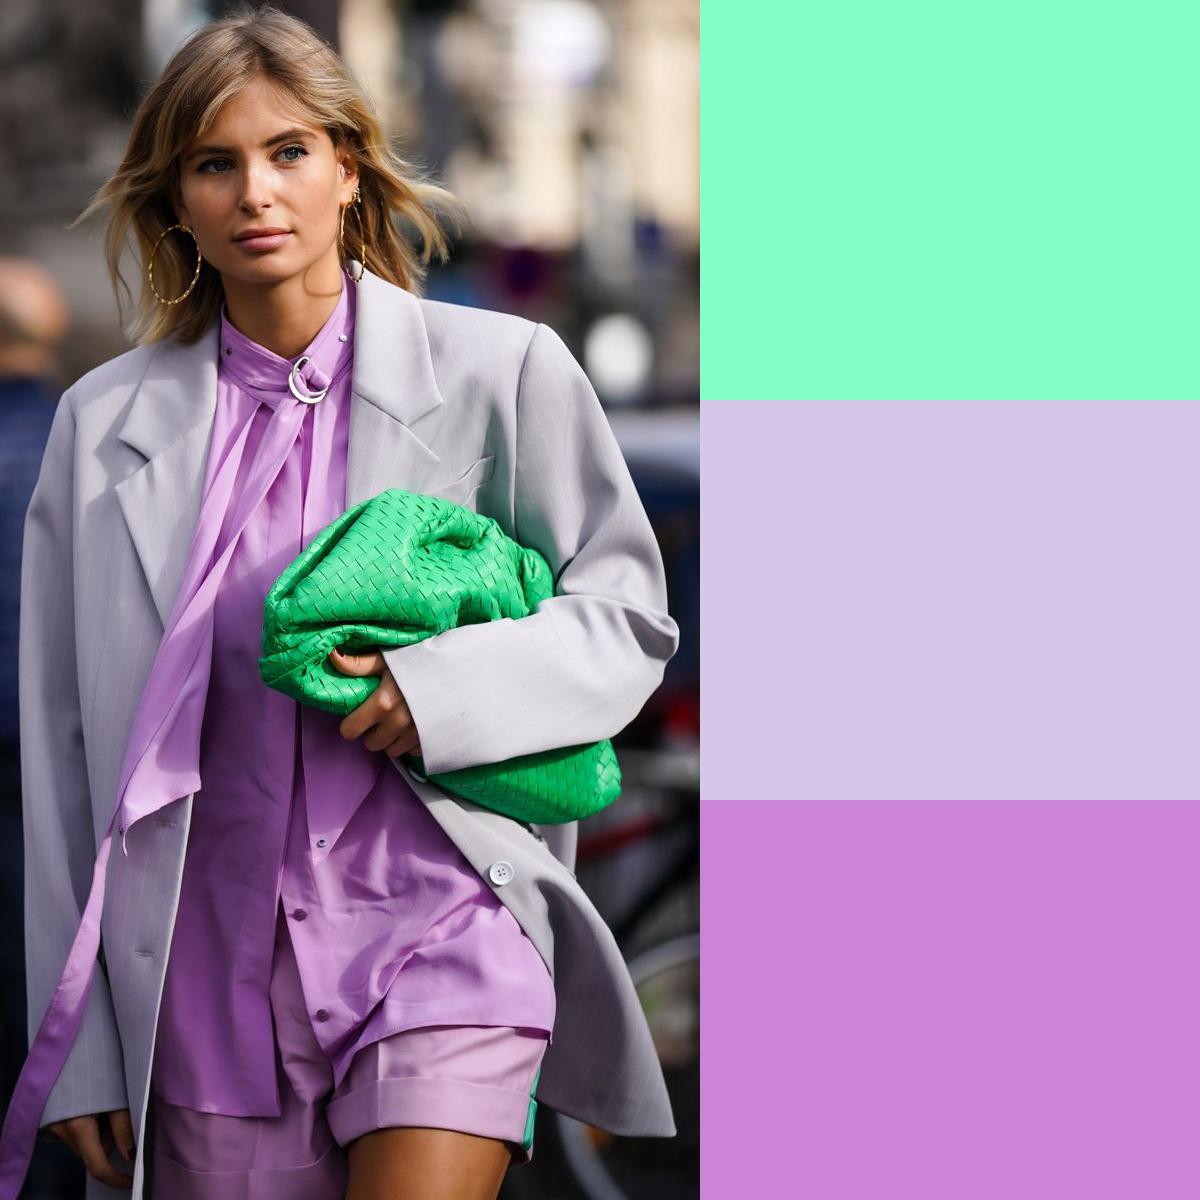 5 cách phối màu quần áo tươi tắn trong mùa Hè - Thời trang - Việt Giải Trí